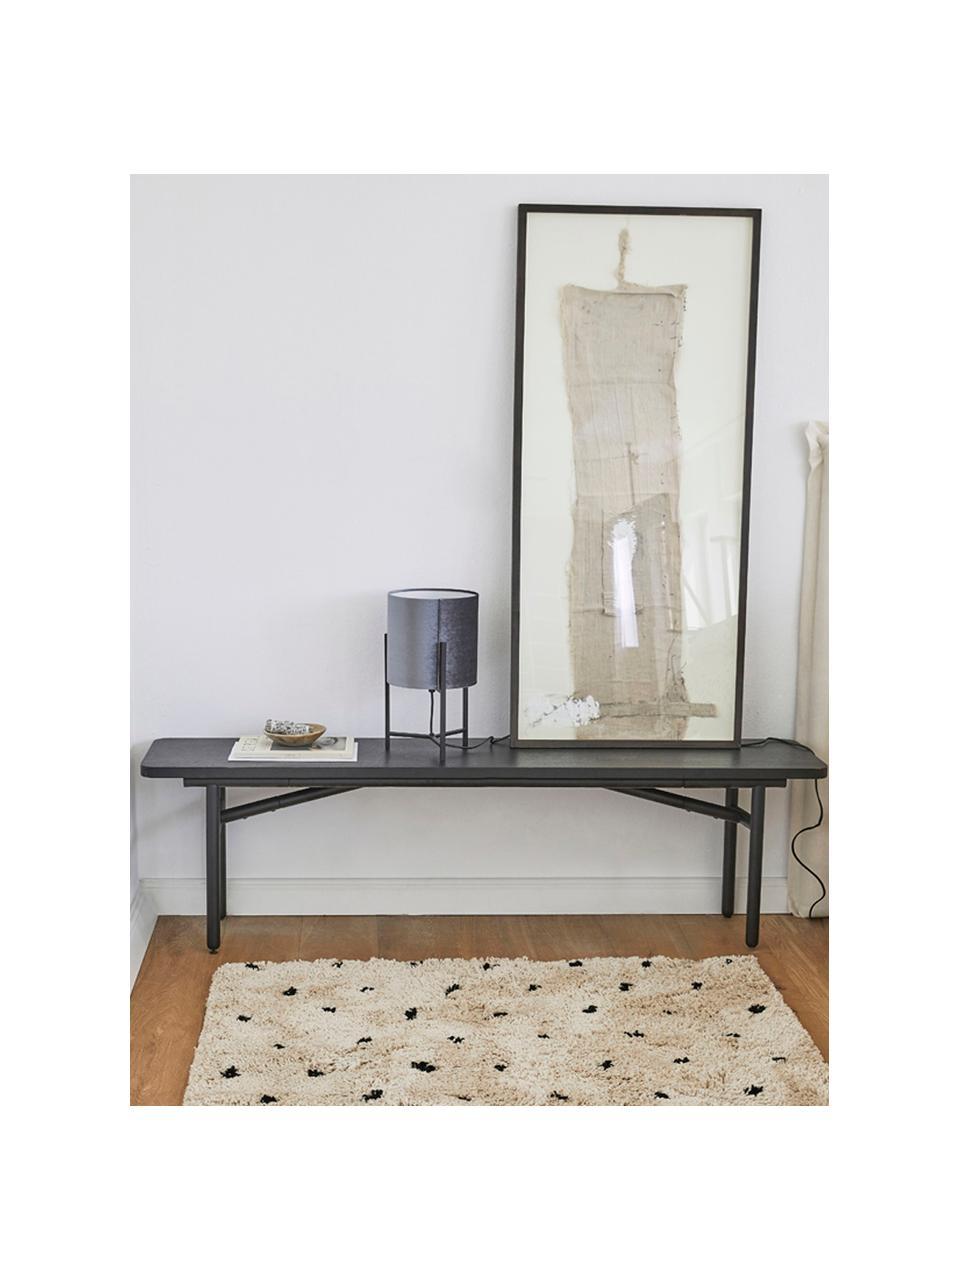 Načechraný koberec s vysokým vlasem Ayana, tečkovaný, Béžová, černá